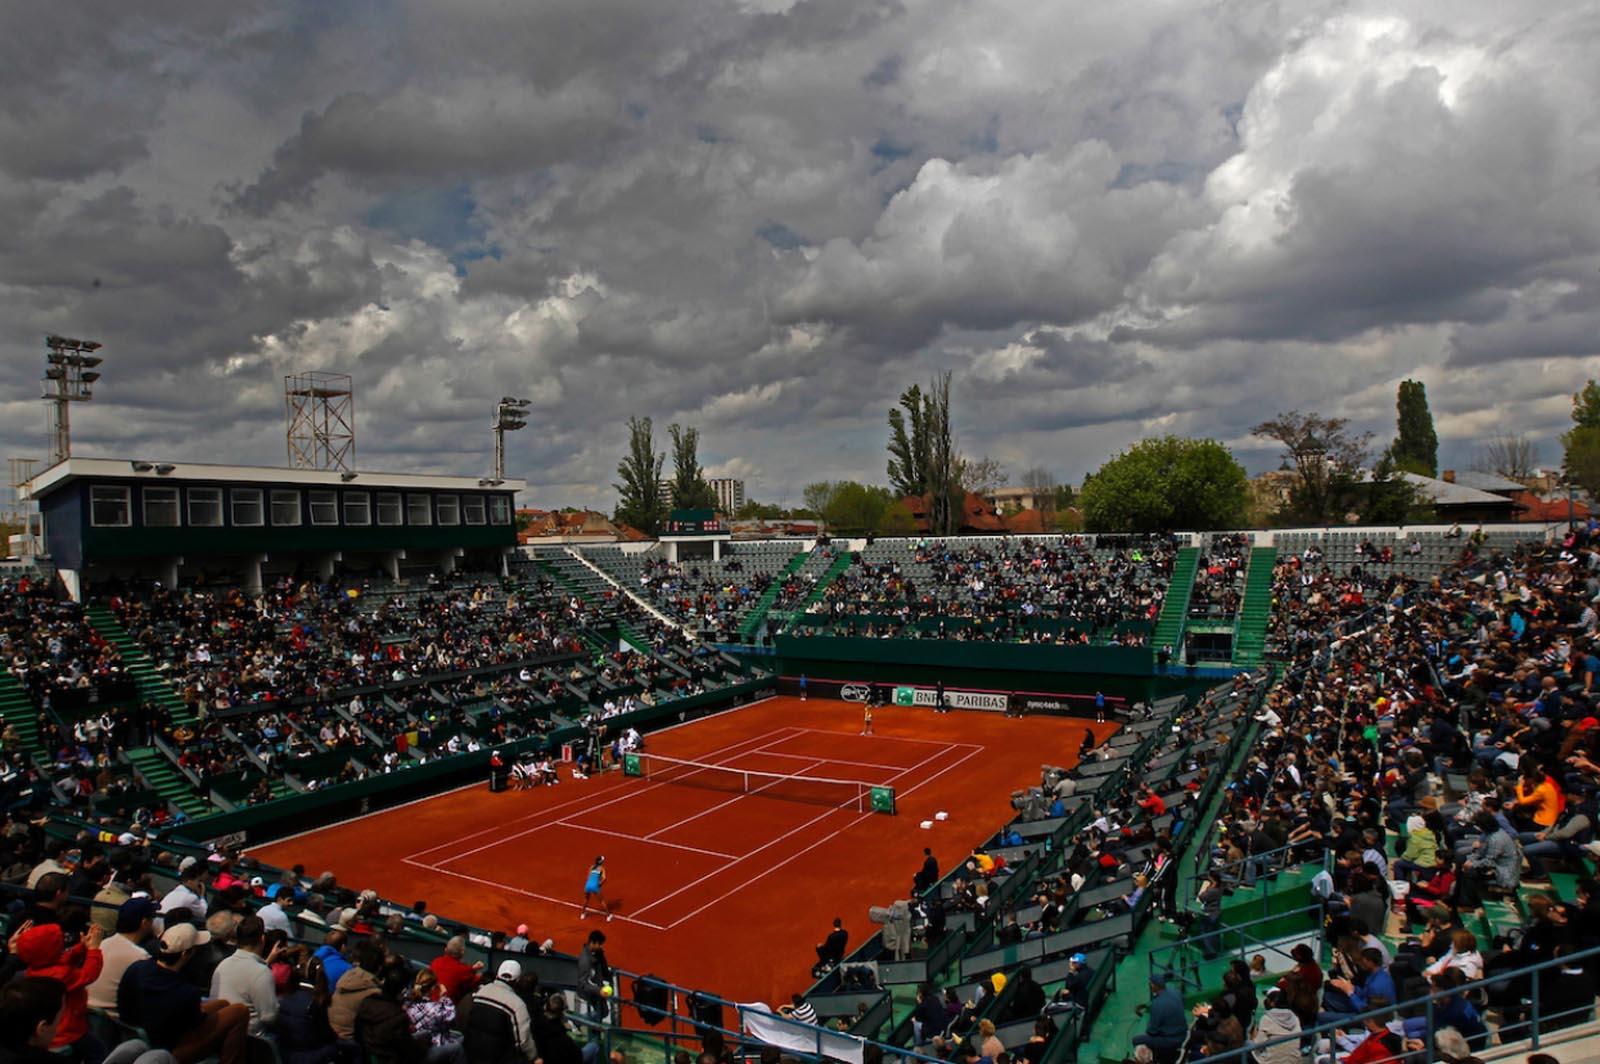 Najduža razmena u istoriji tenisa? 643 udarca i 29 minuta